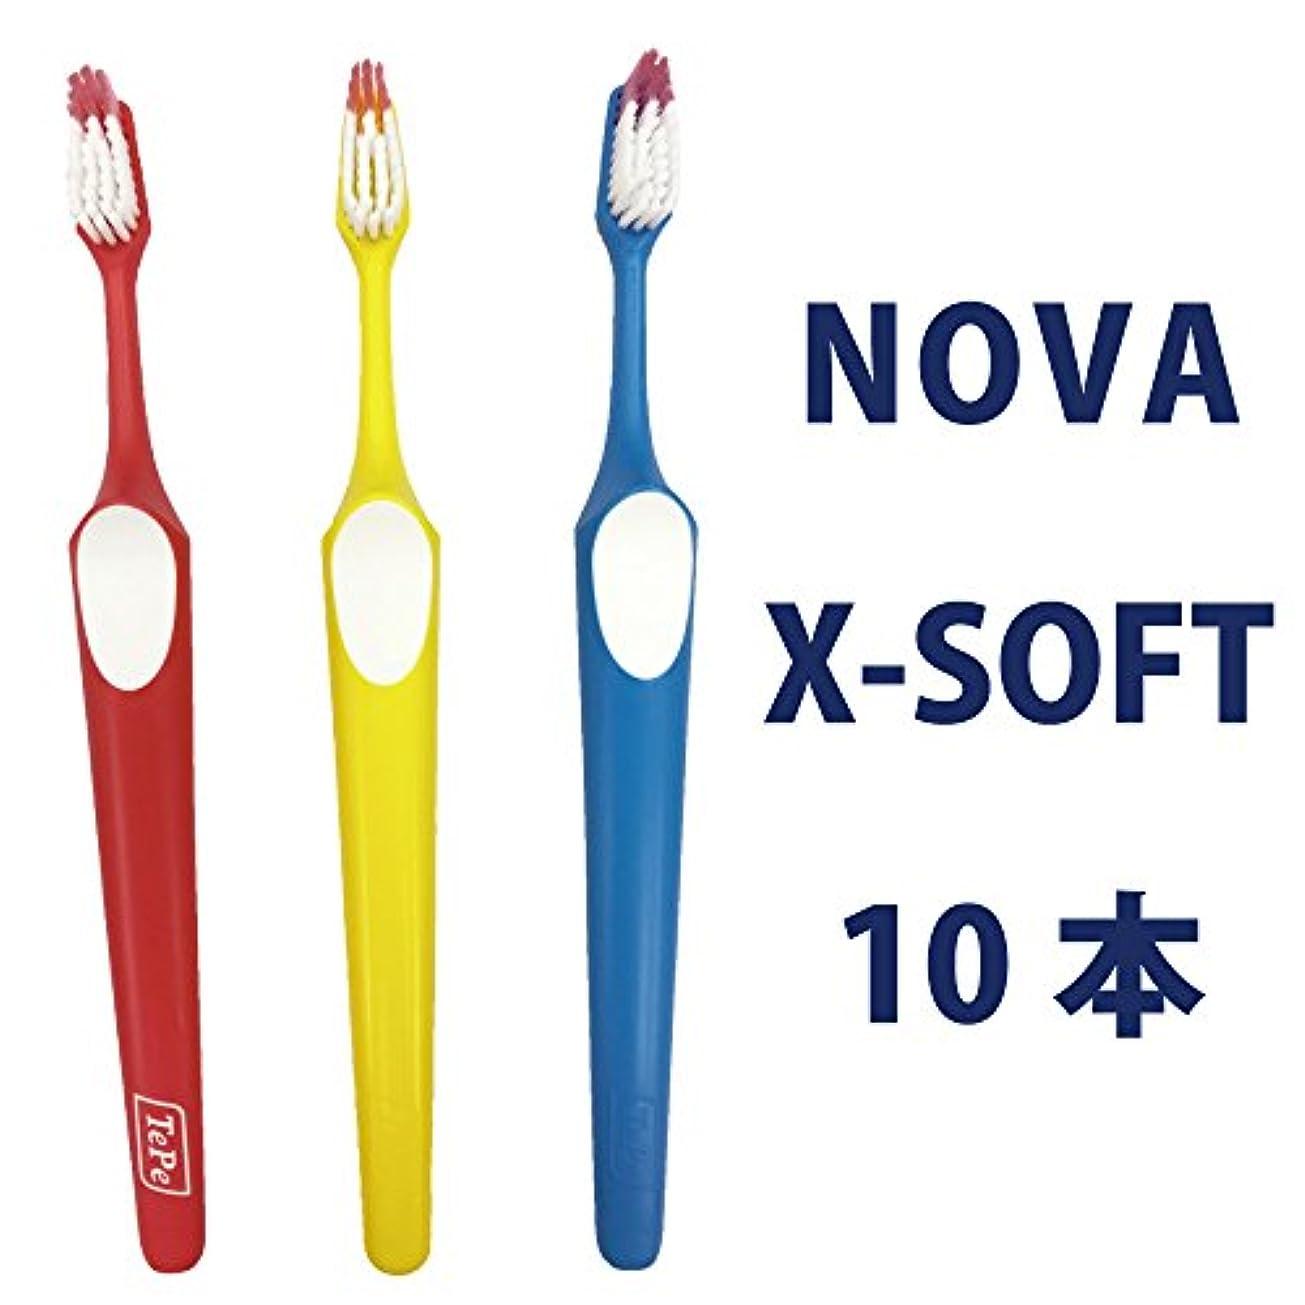 サイレンポンペイパンツテペ ノバ エキストラソフト(極やわらかめ)奥歯がみがきやすい 10本 NEWカラー